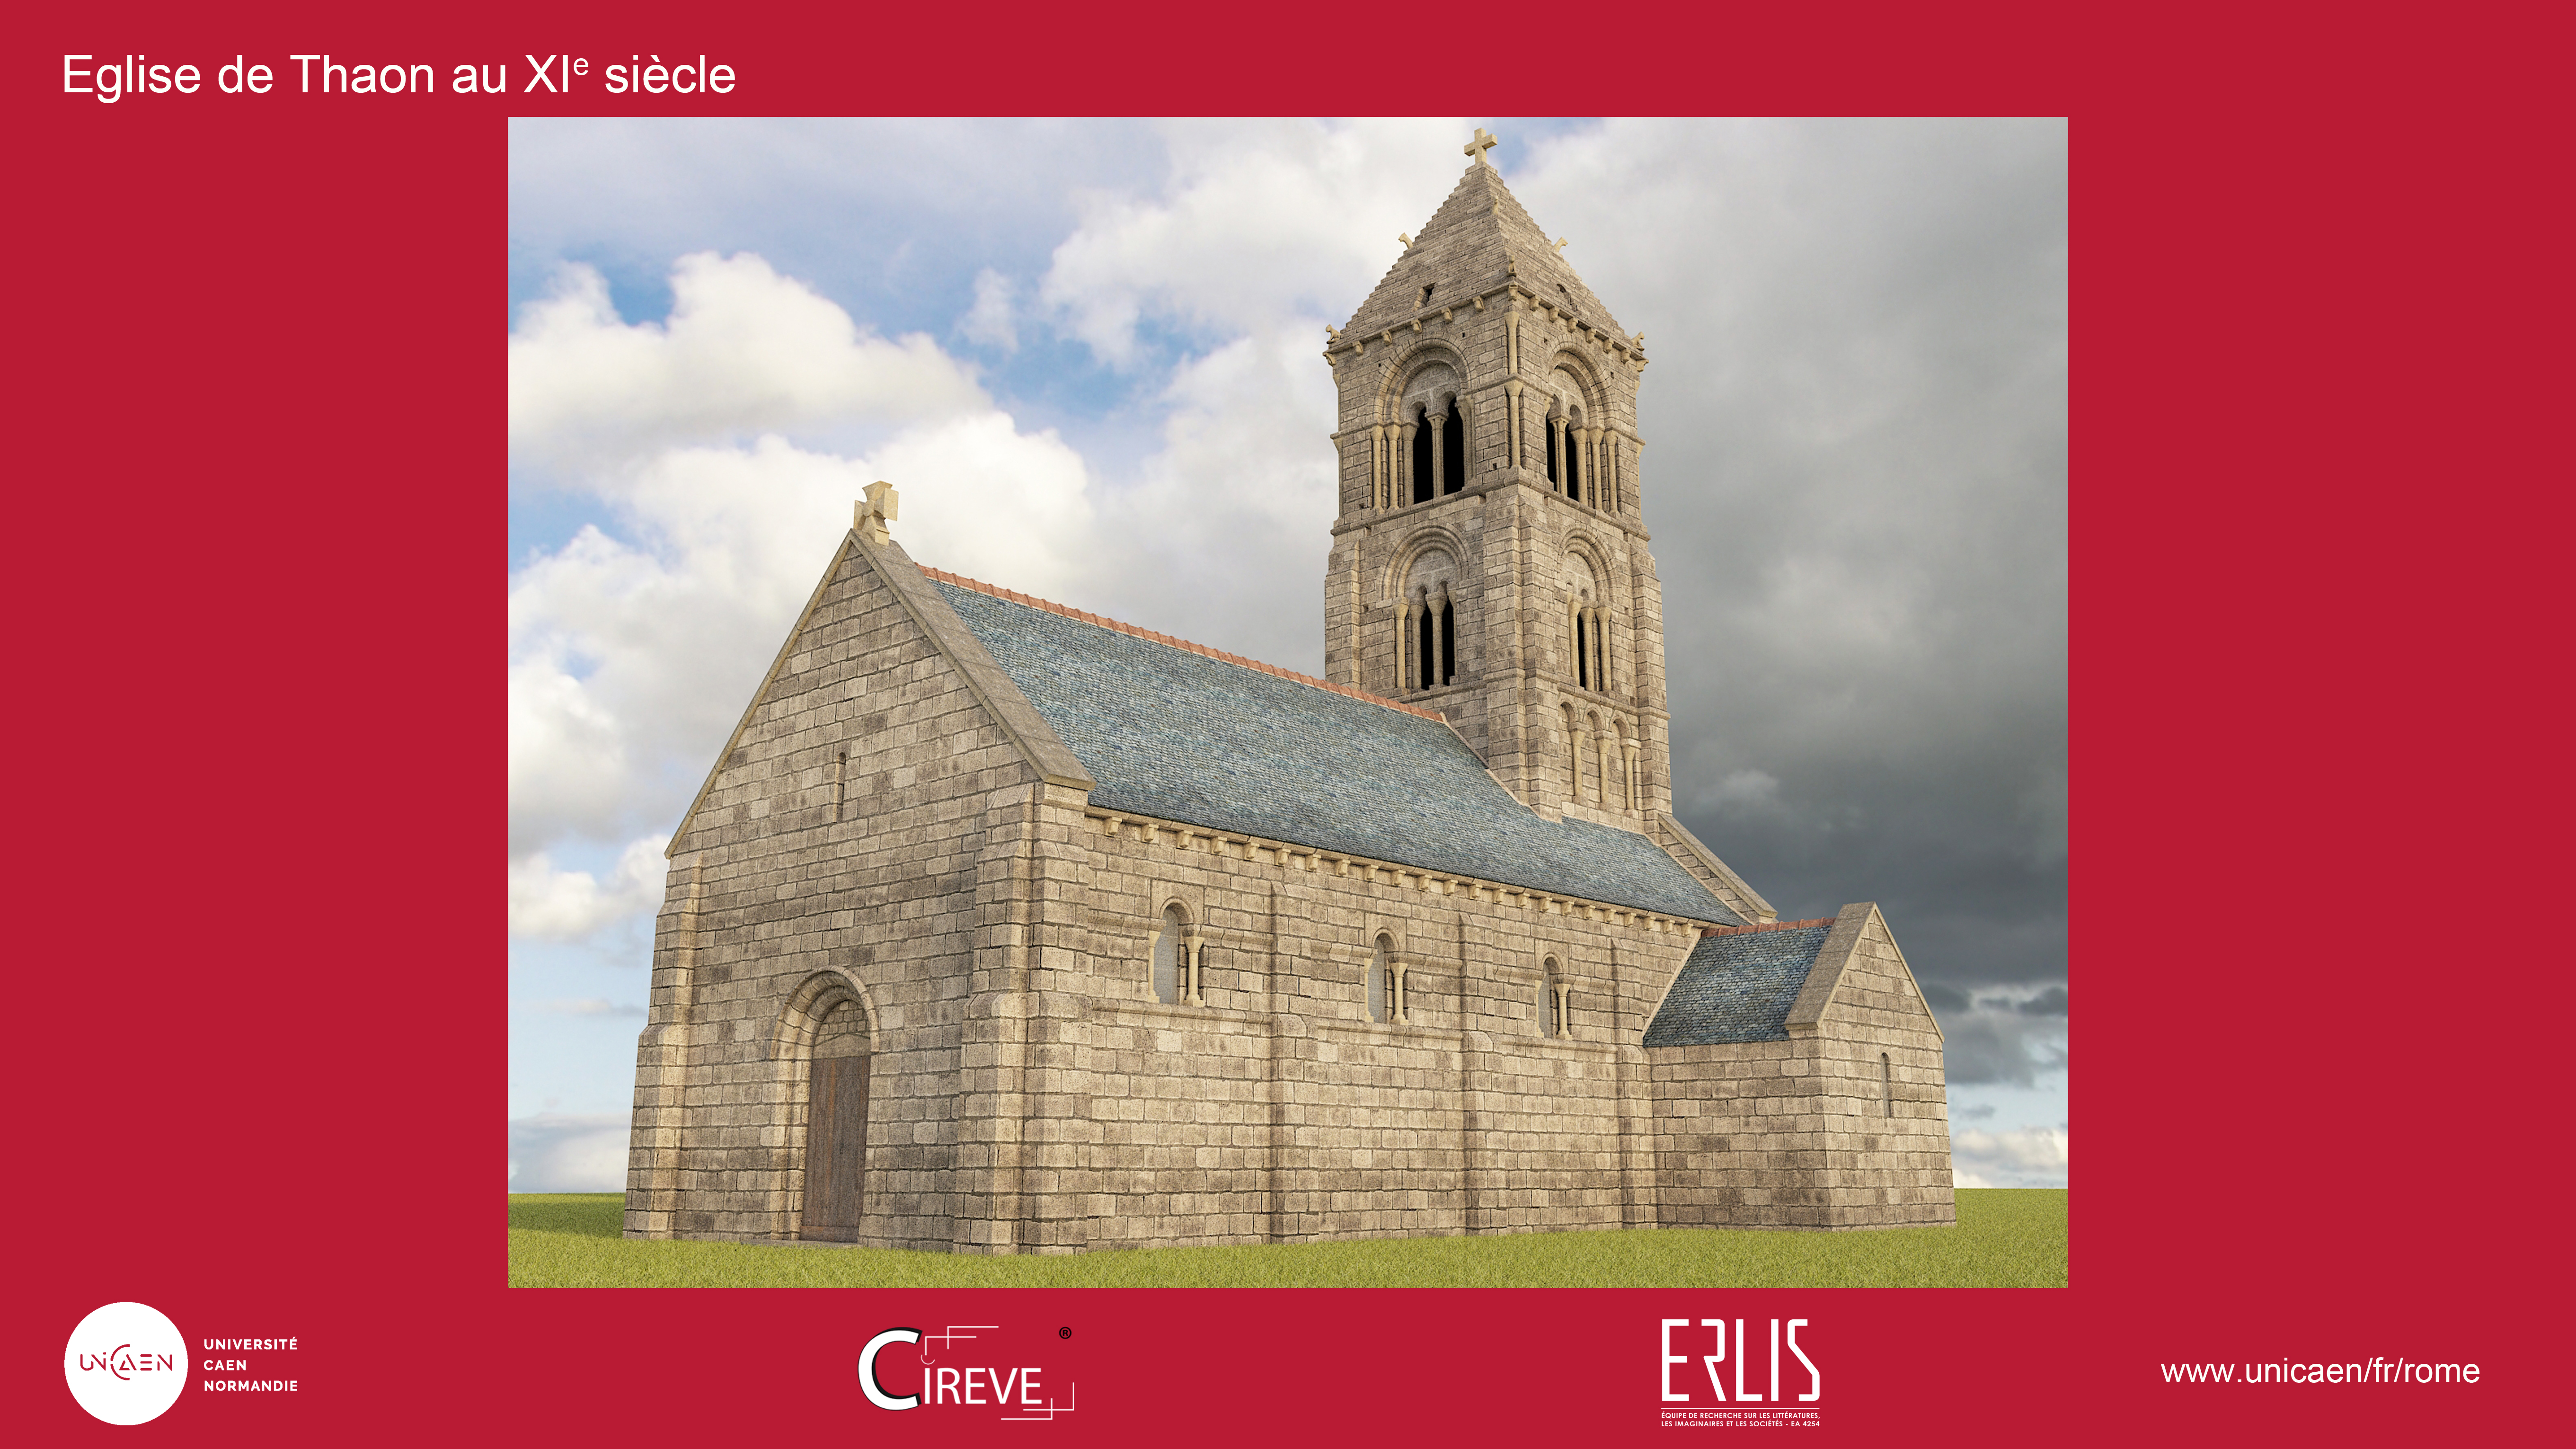 Eglise de Thaon au XIe siècle